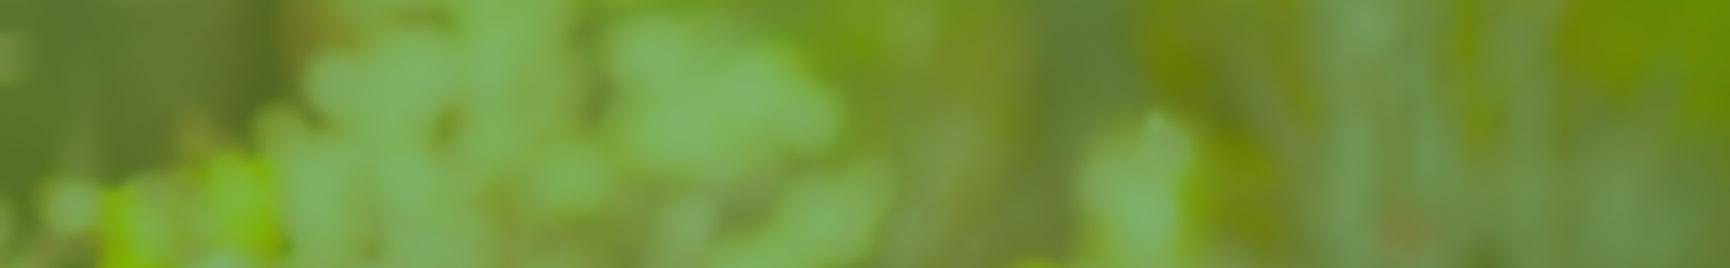 Header Hintergrund grün